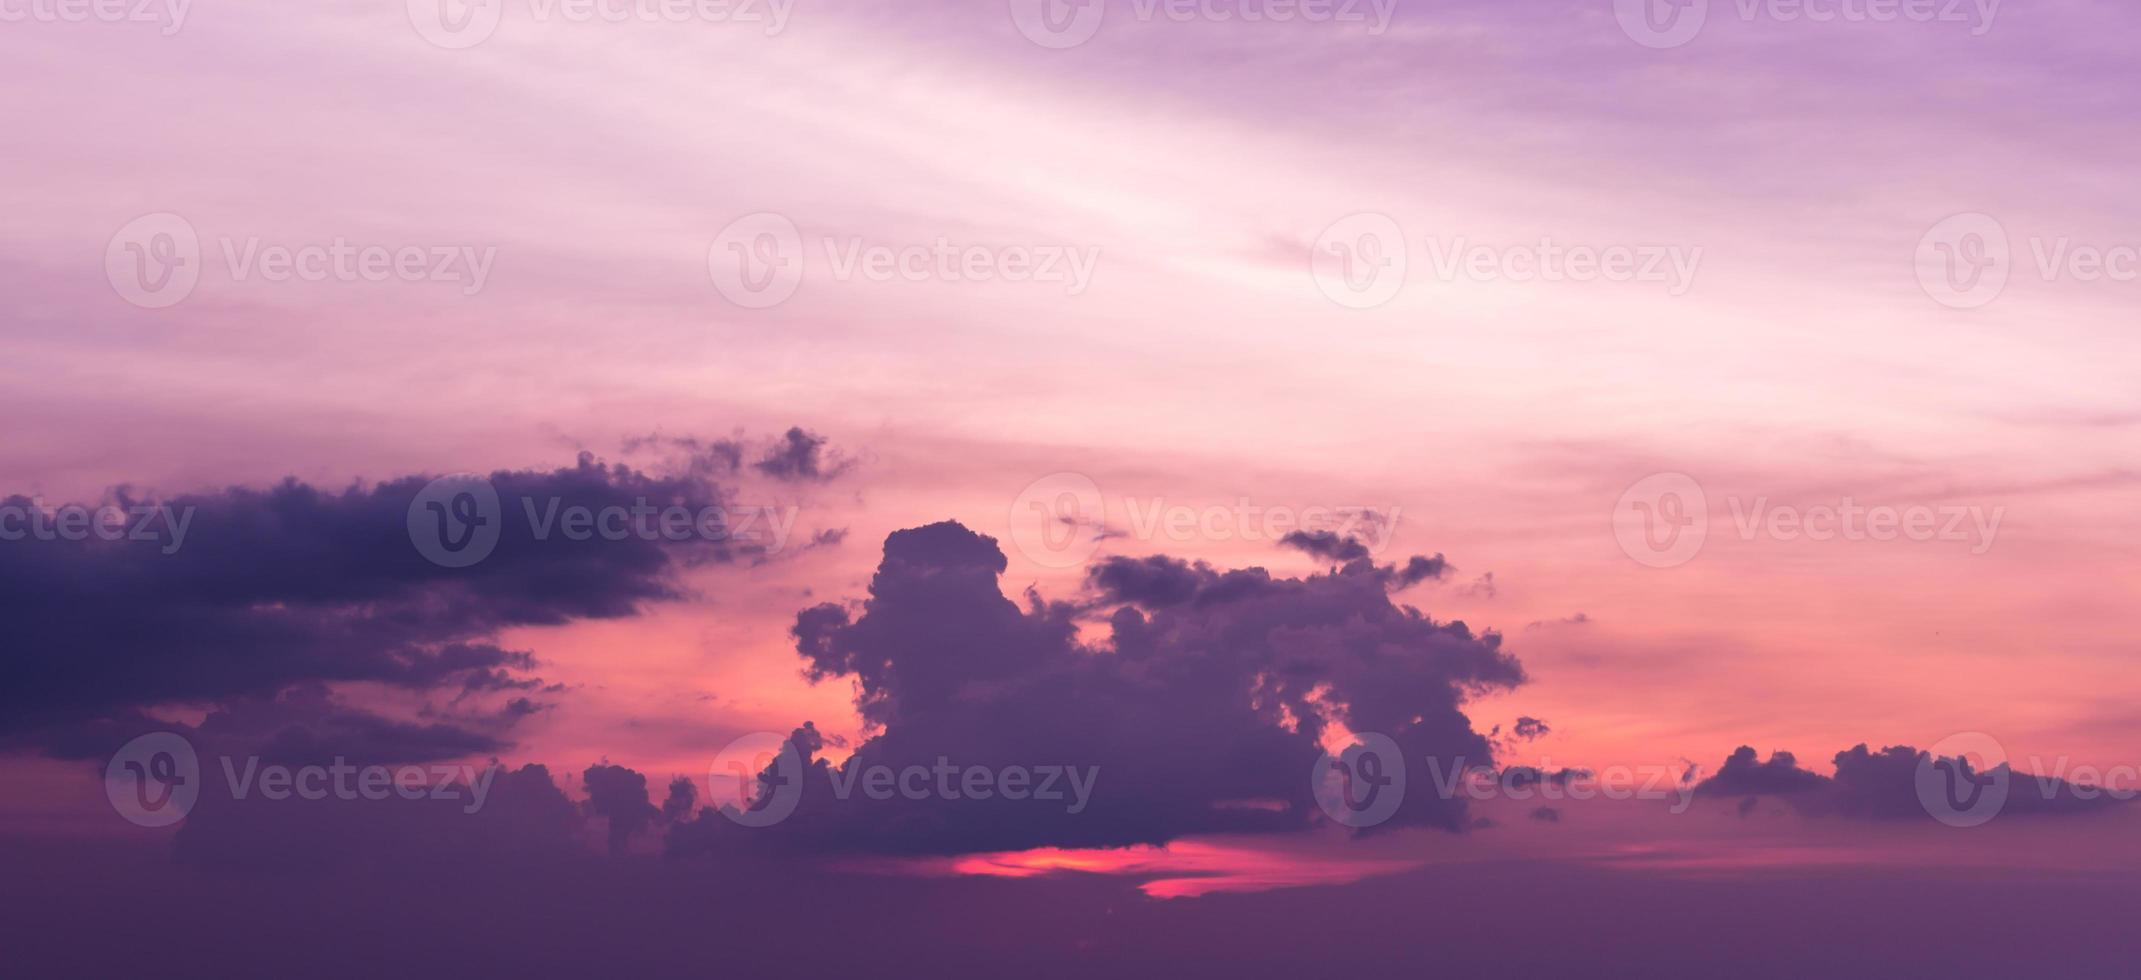 Wolken am Himmel - Sonnenuntergang foto